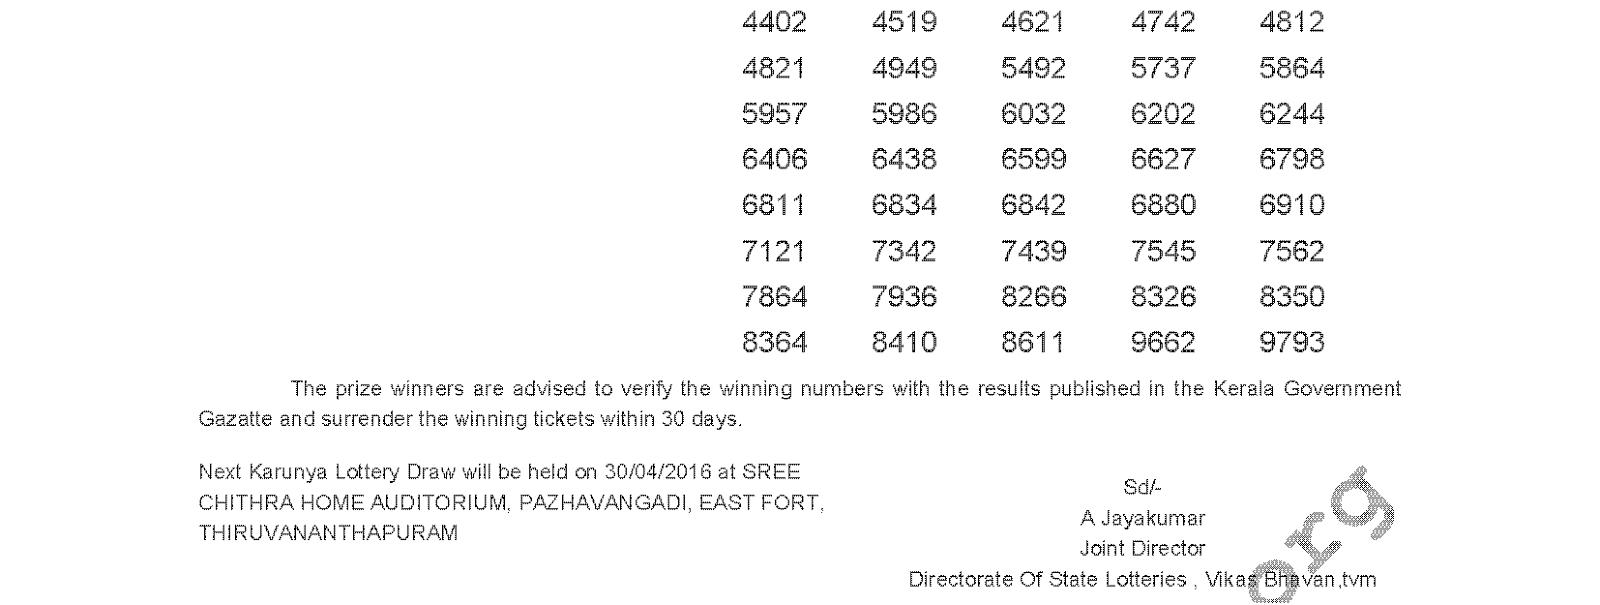 KARUNYA Lottery KR 238 Result 23-4-2016